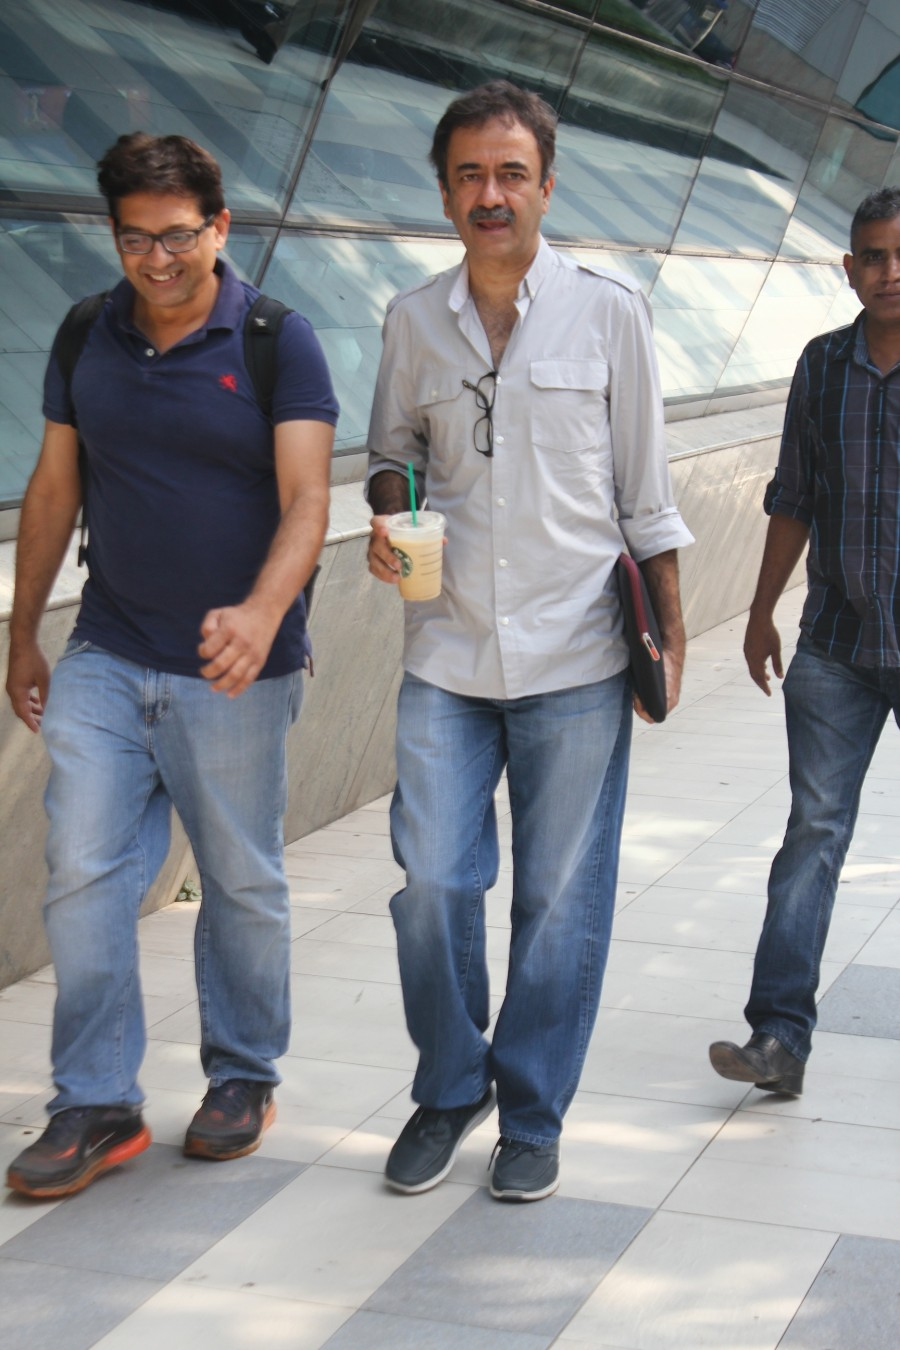 Celebs Spotted,Celebs spotted at Mumbai Airport,John Abraham,cricketers,IPL,Shikhar Dhawan,Richa Chadda,photos